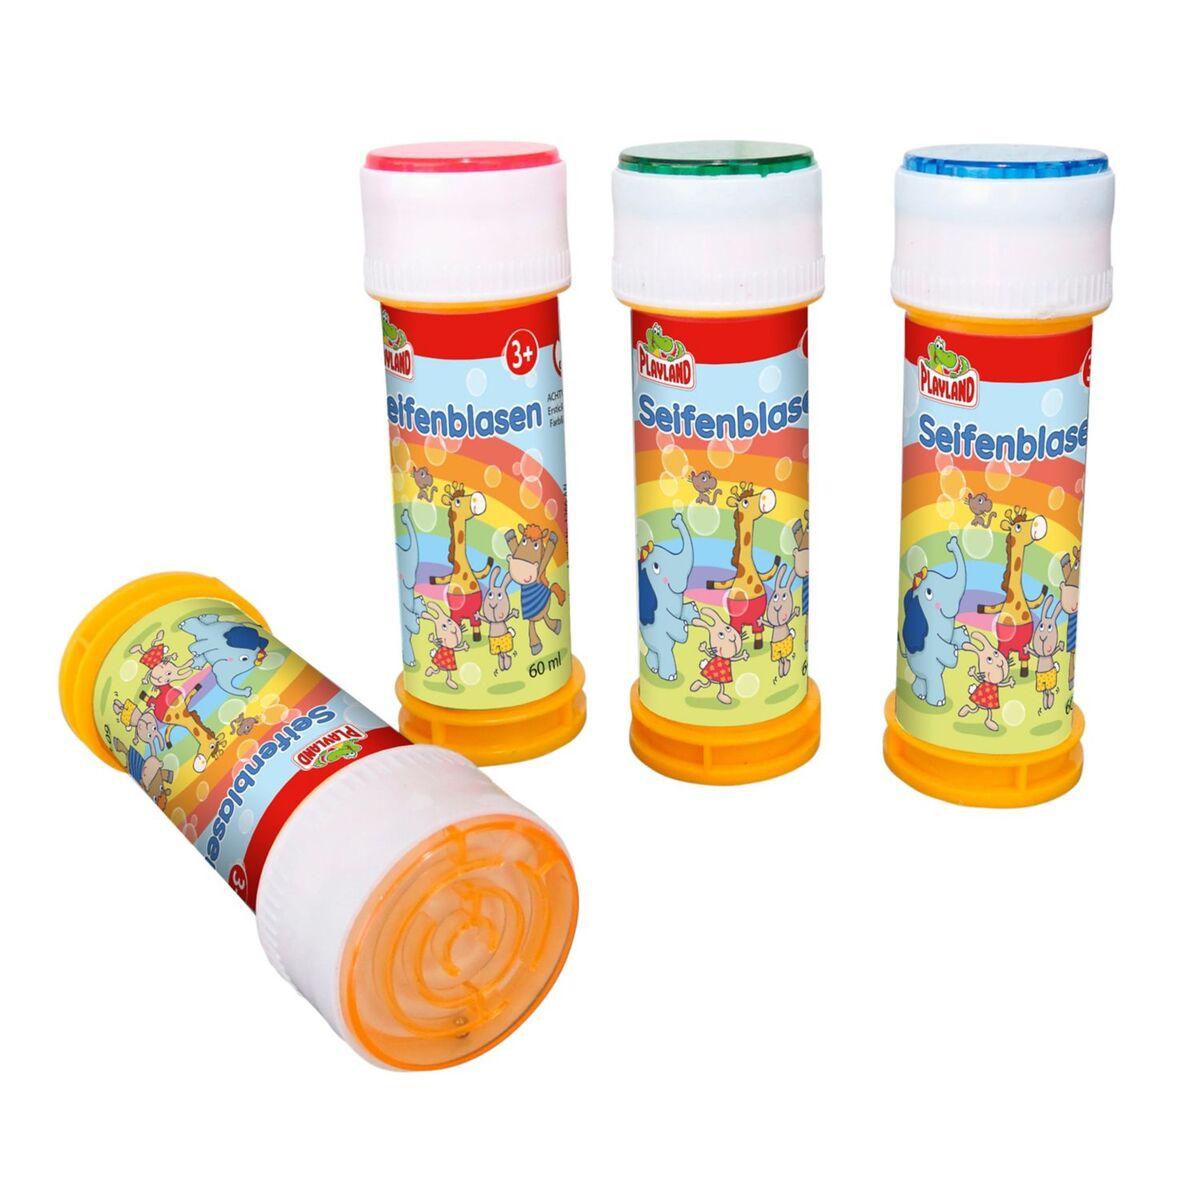 Bild 1 von Playland Seifenblasen-Spielzeug